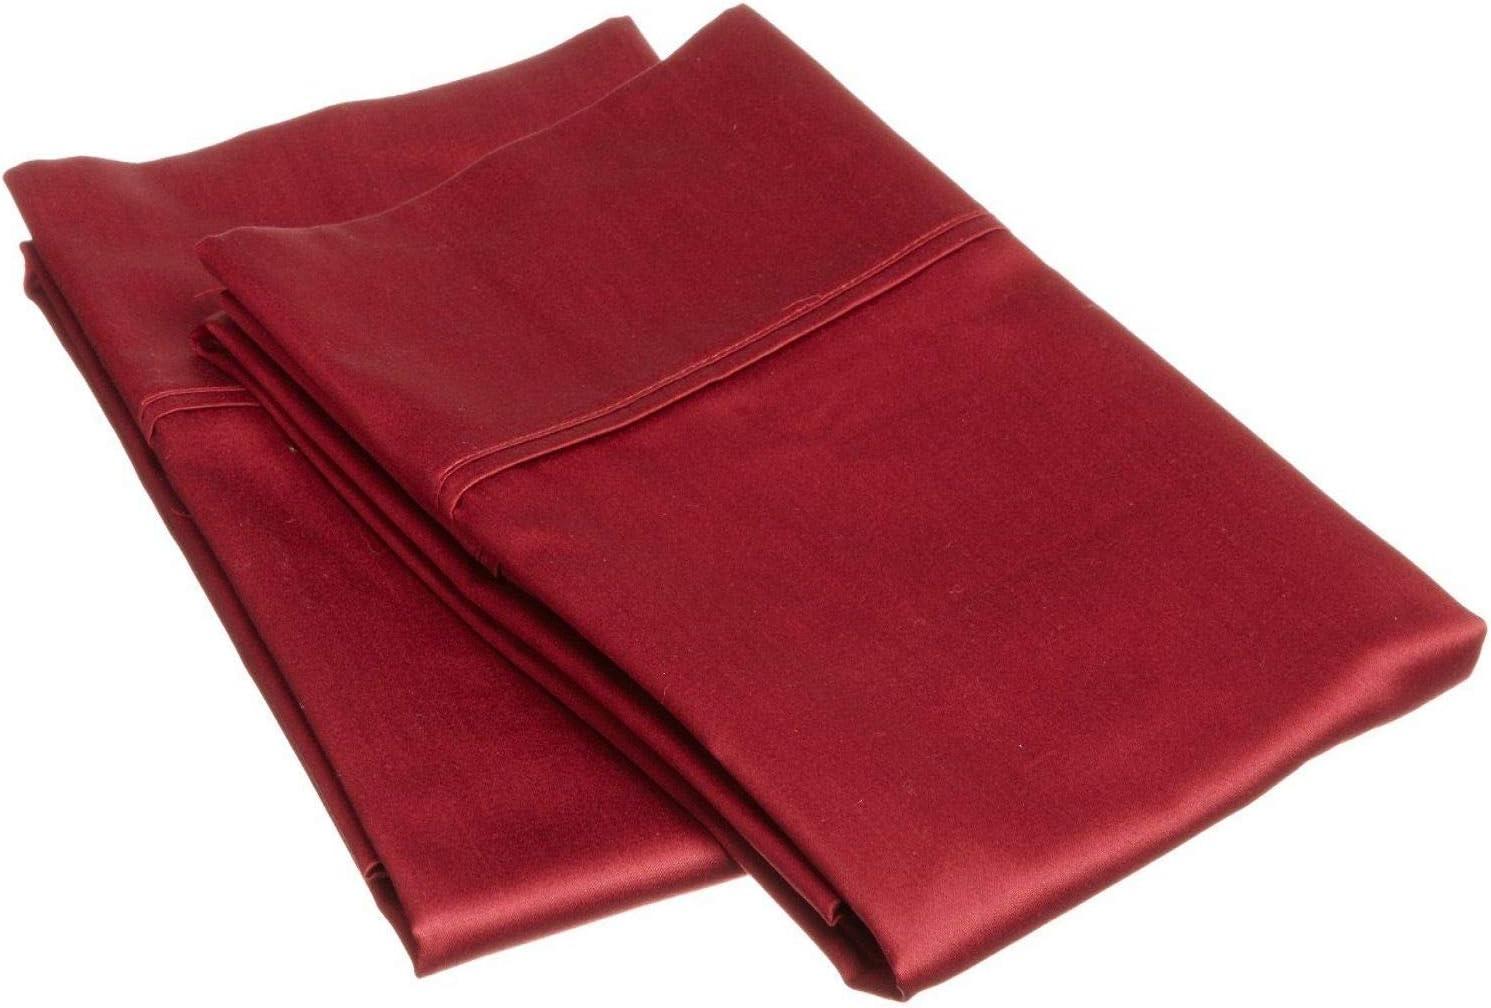 SUPERIOR 800 Thread Count 100% Egyptian Cotton 2 Piece Pillowcase Set, Burgundy, King